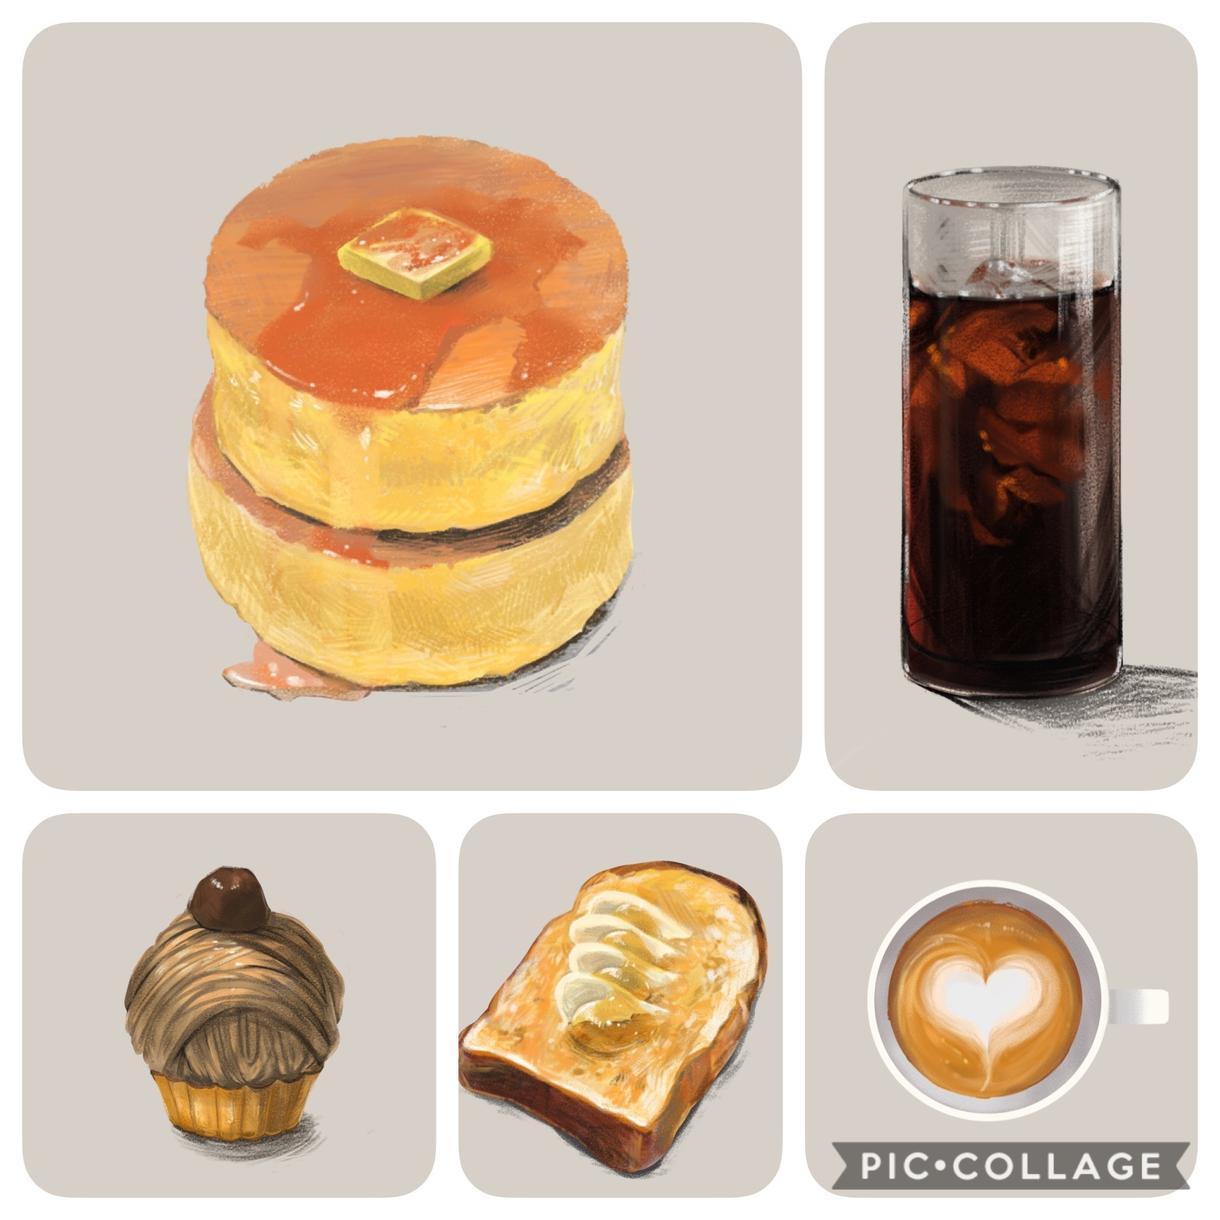 あたたかみのある食べ物のイラストを描きます メニューや雑誌、Webでの食べ物レポ等にいかがでしょうか!